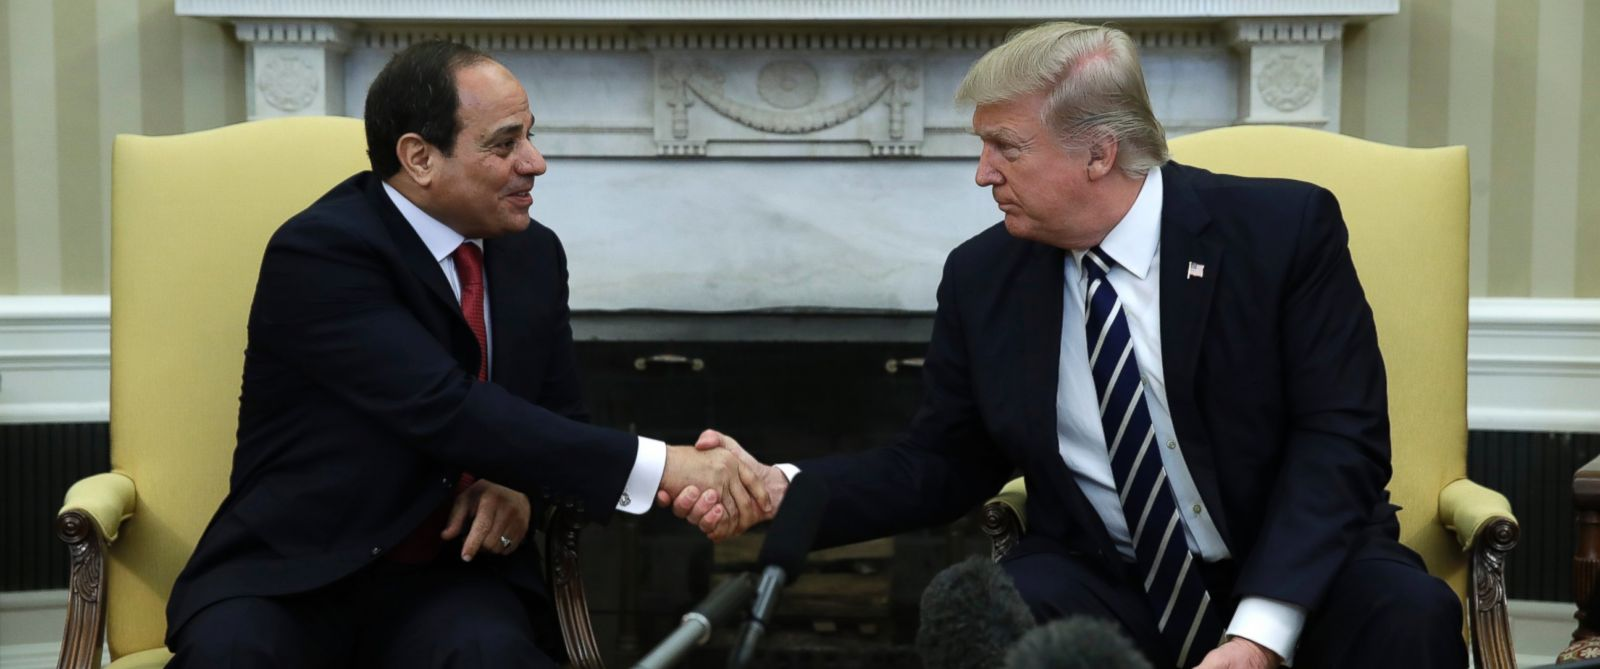 trump and egypt rulers.jpg